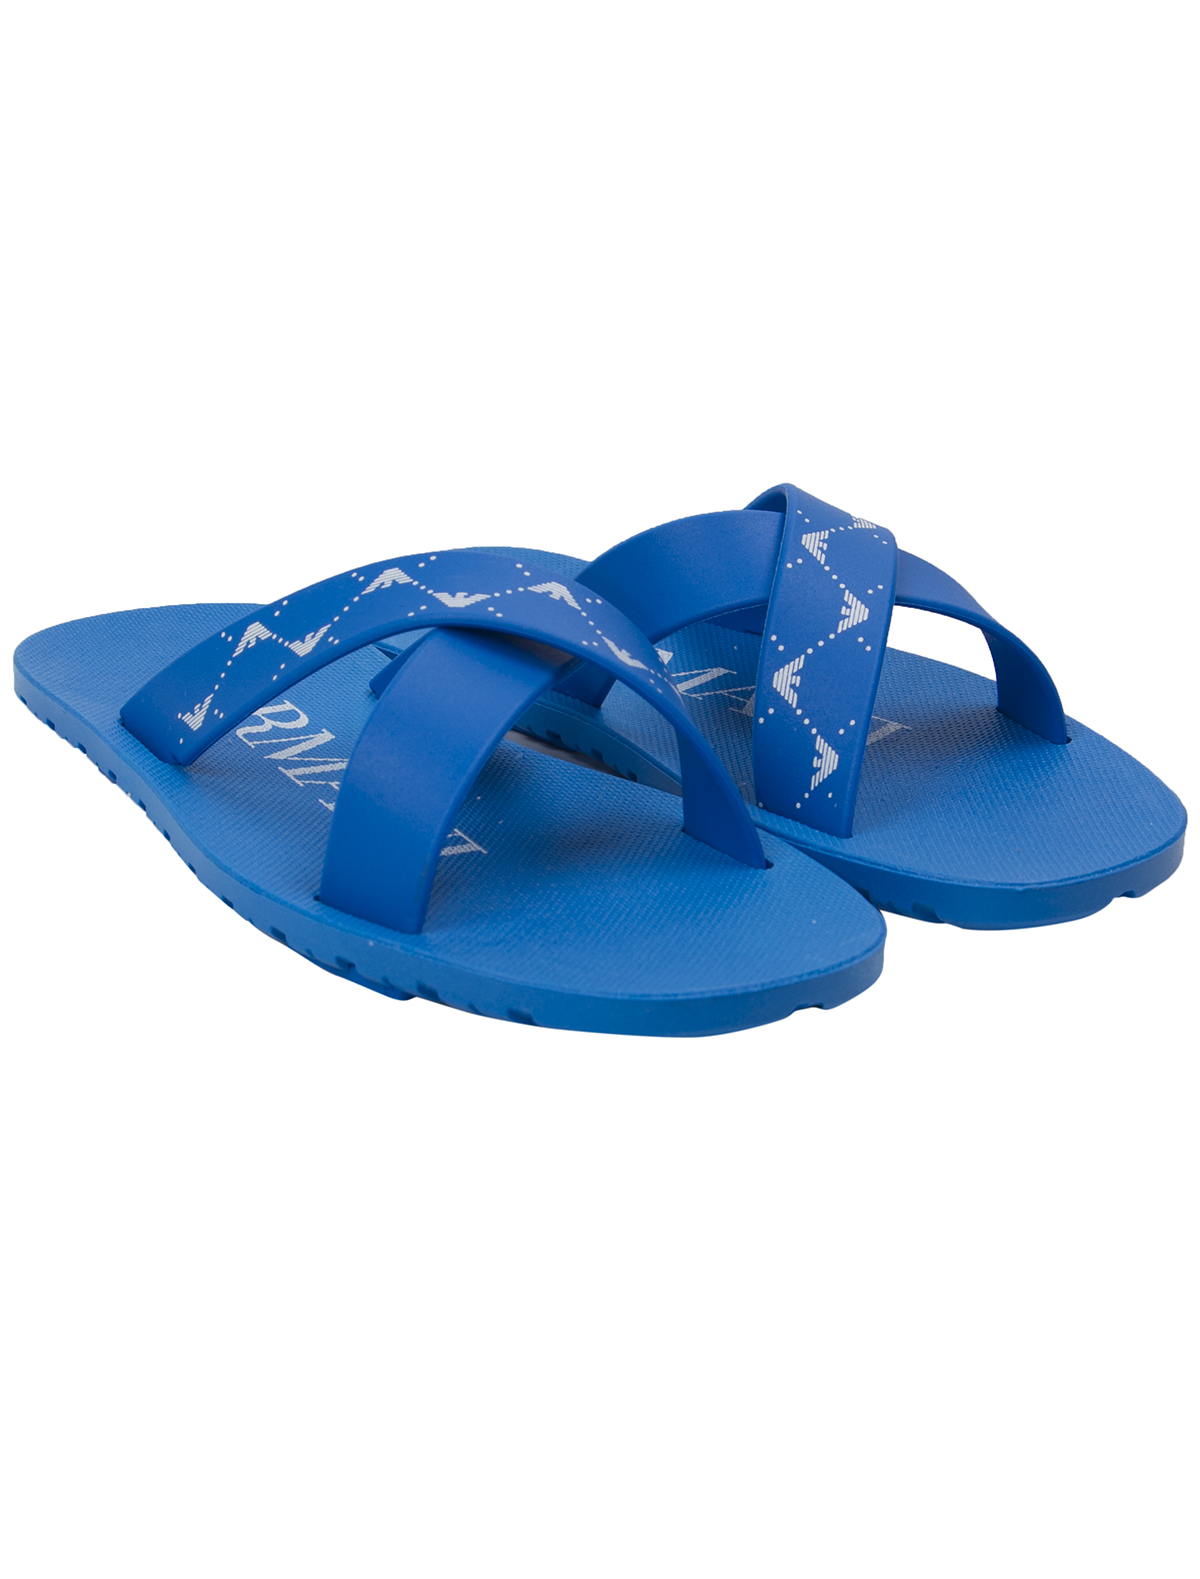 Купить 1924839, Шлепанцы пляжные Armani Junior, голубой, Мужской, 2281519670337